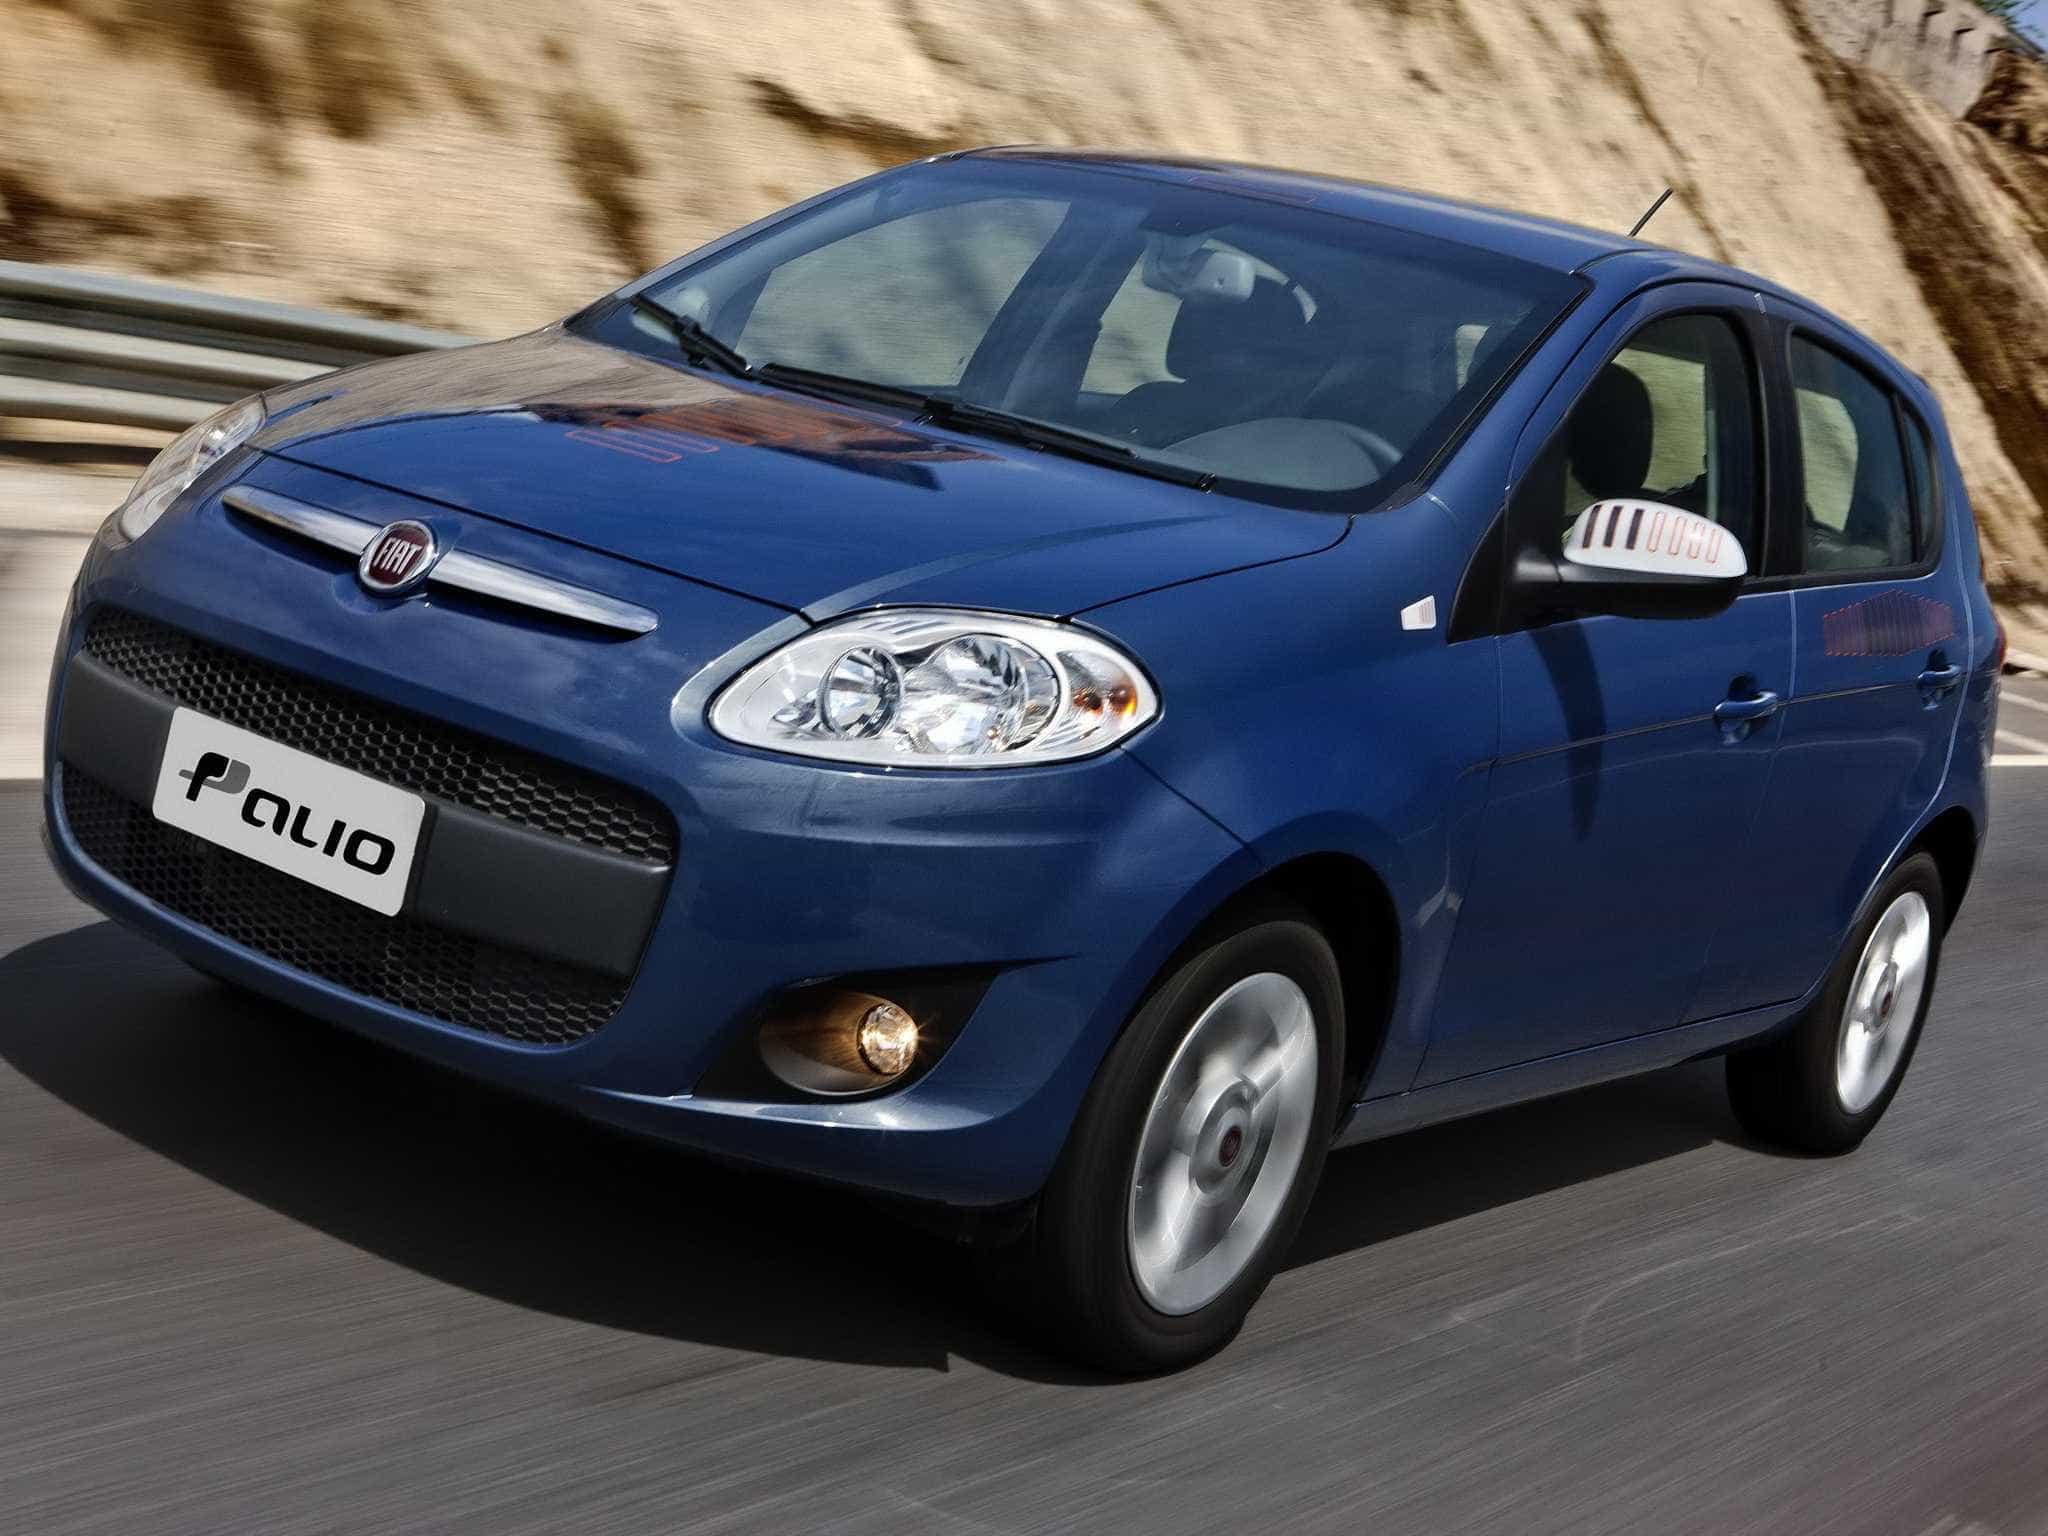 Fiat deixa de produzir Palio e Punto no Brasil